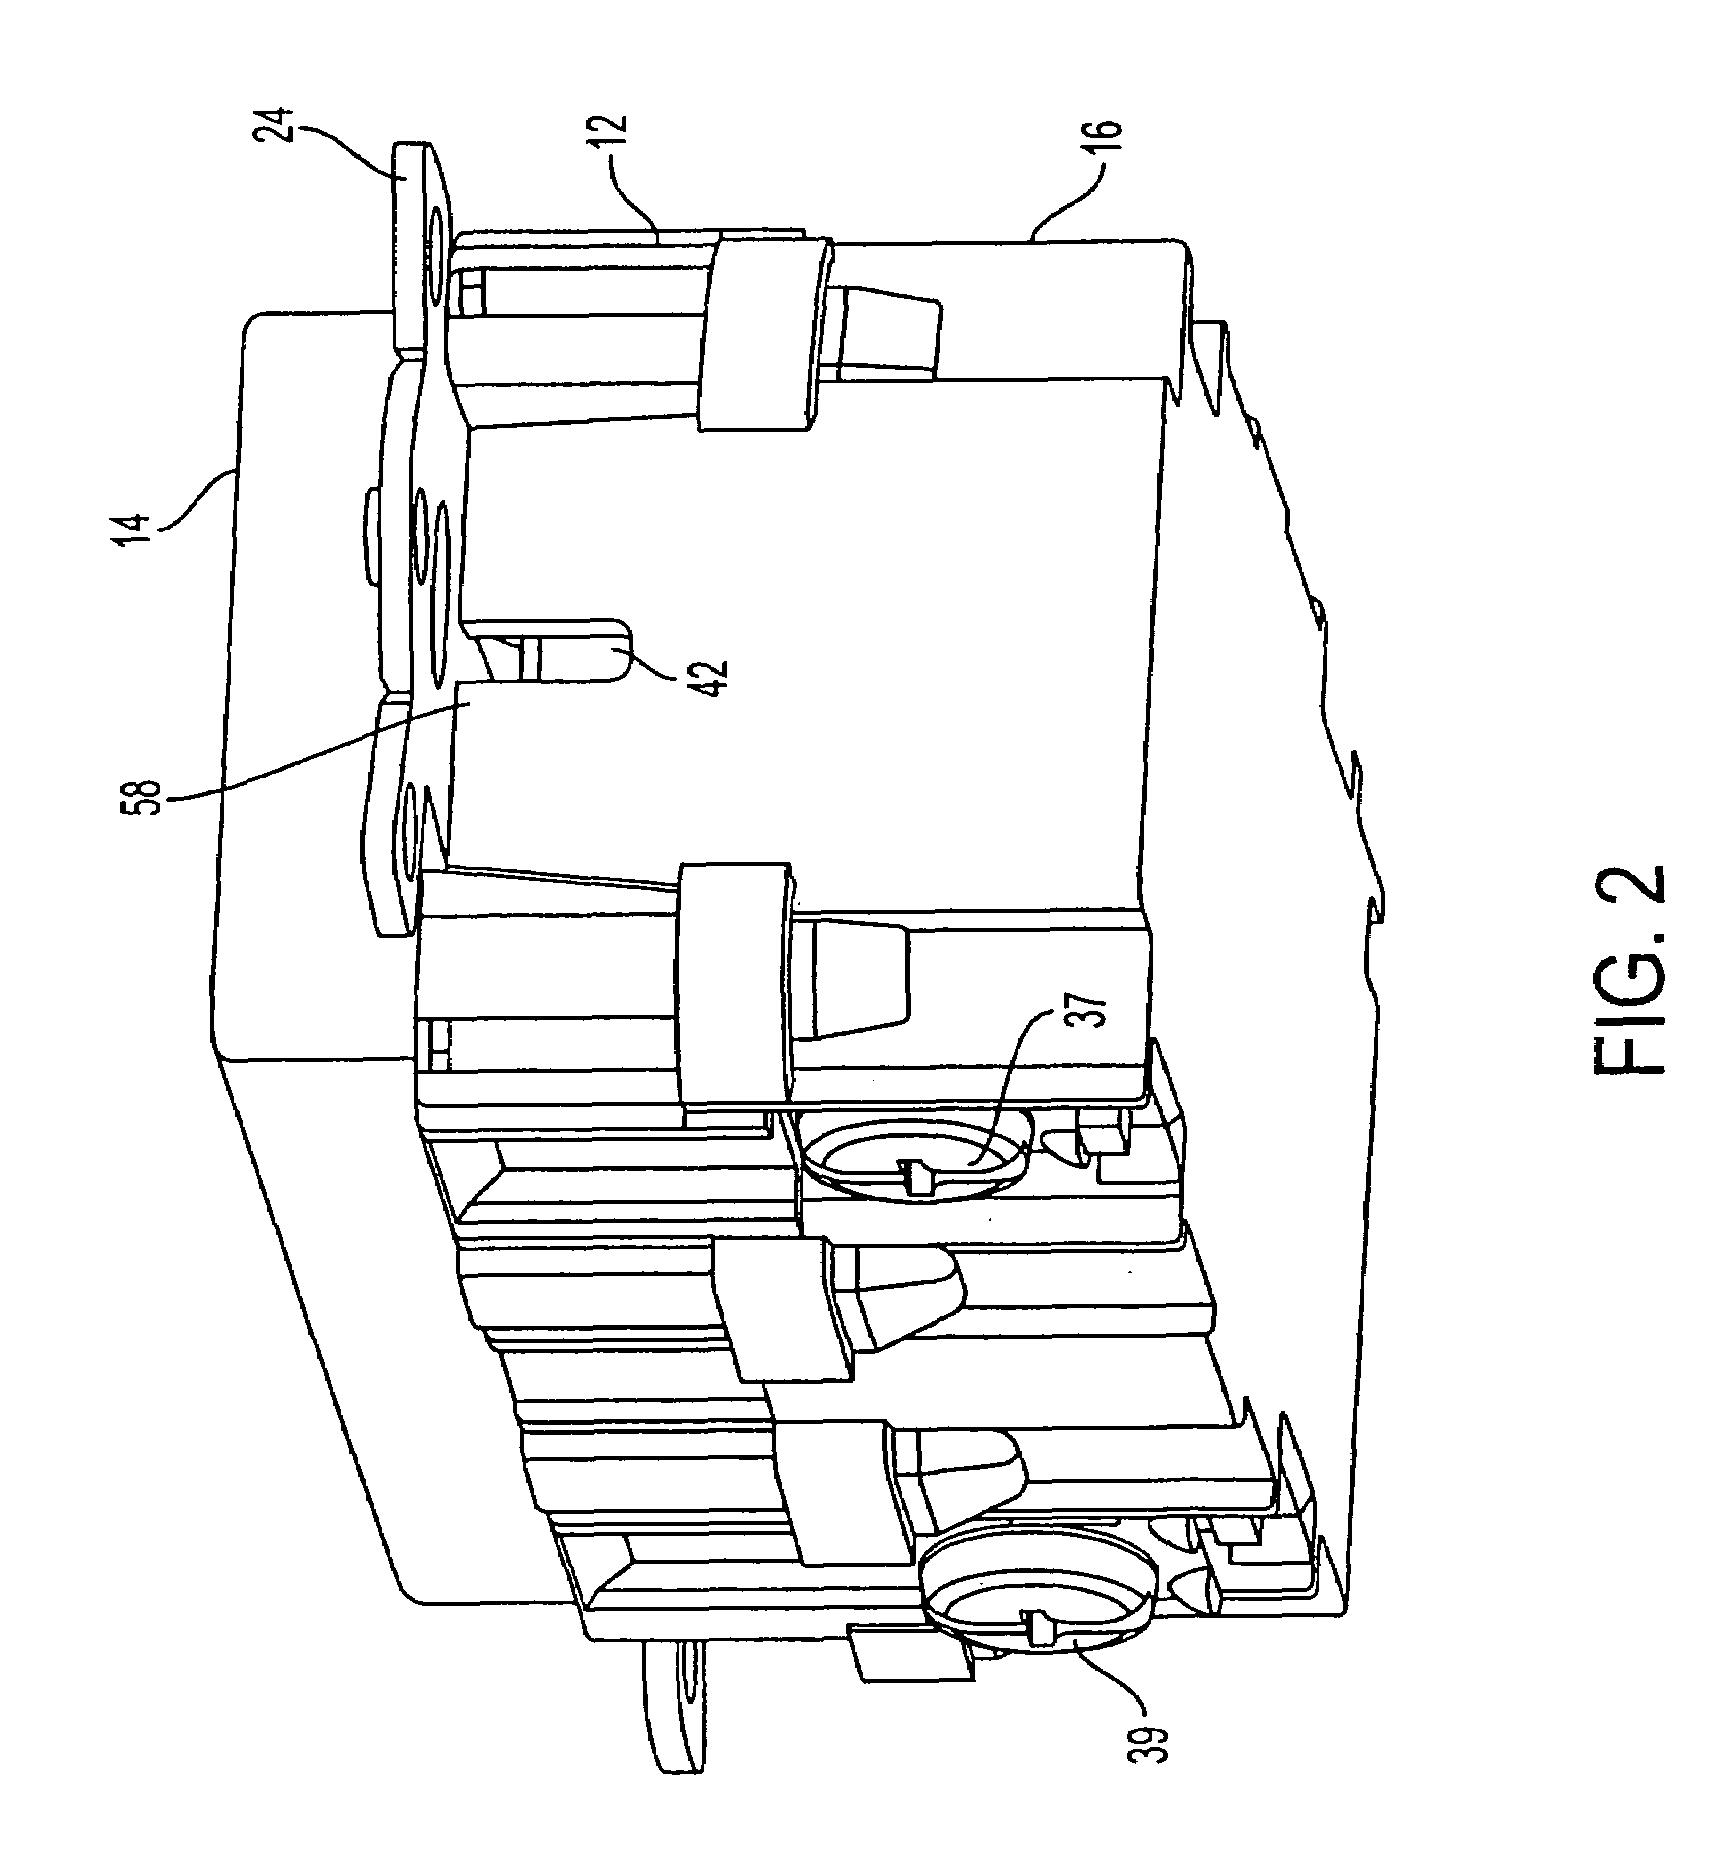 patent us7443309